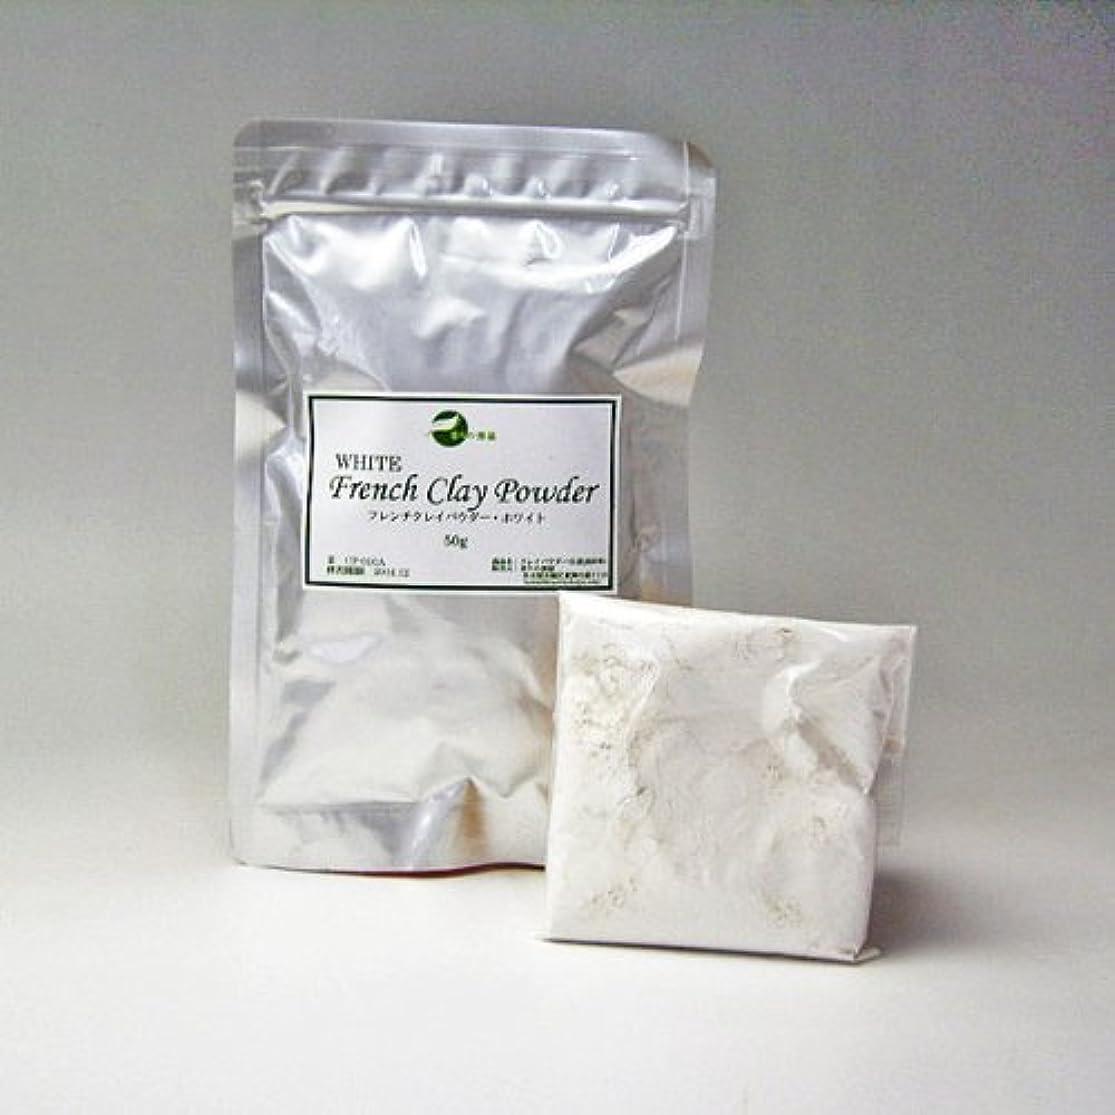 効率的甘い関数[クレイ?パウダー] マイルドな作用 フレンチホワイト 50g